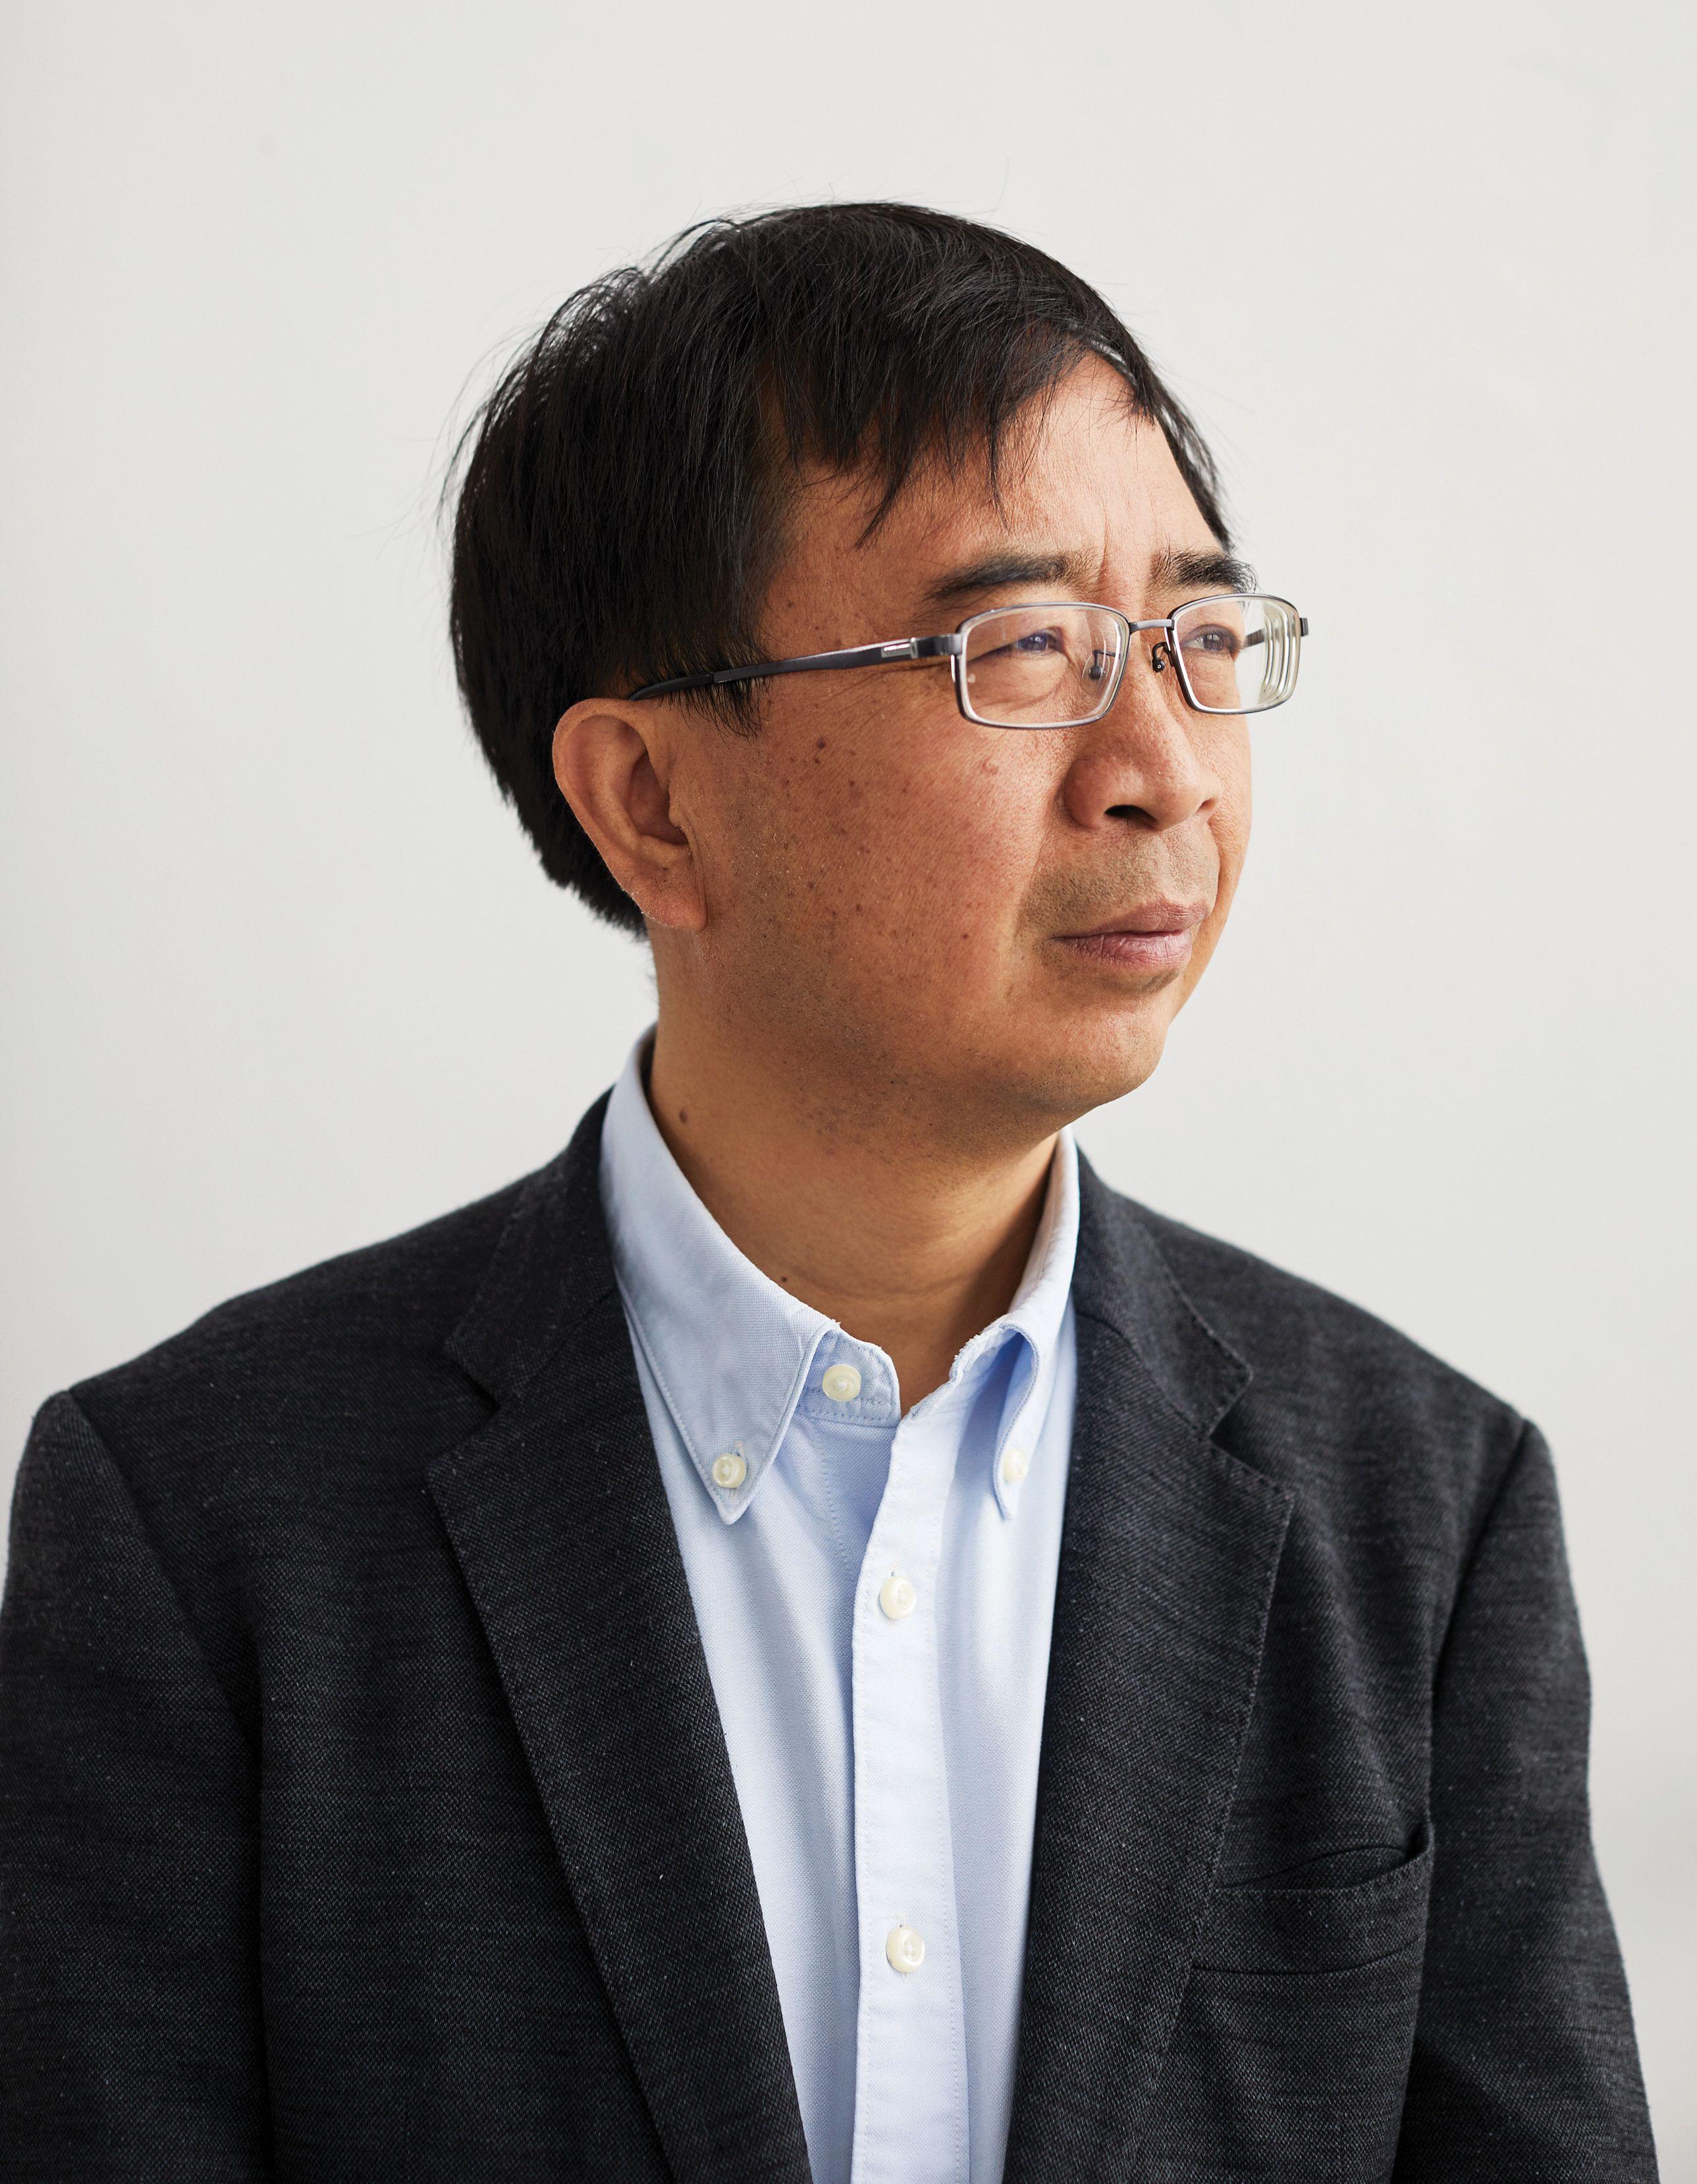 量子超大国を目指す中国で 「量子の父」と呼ばれる男